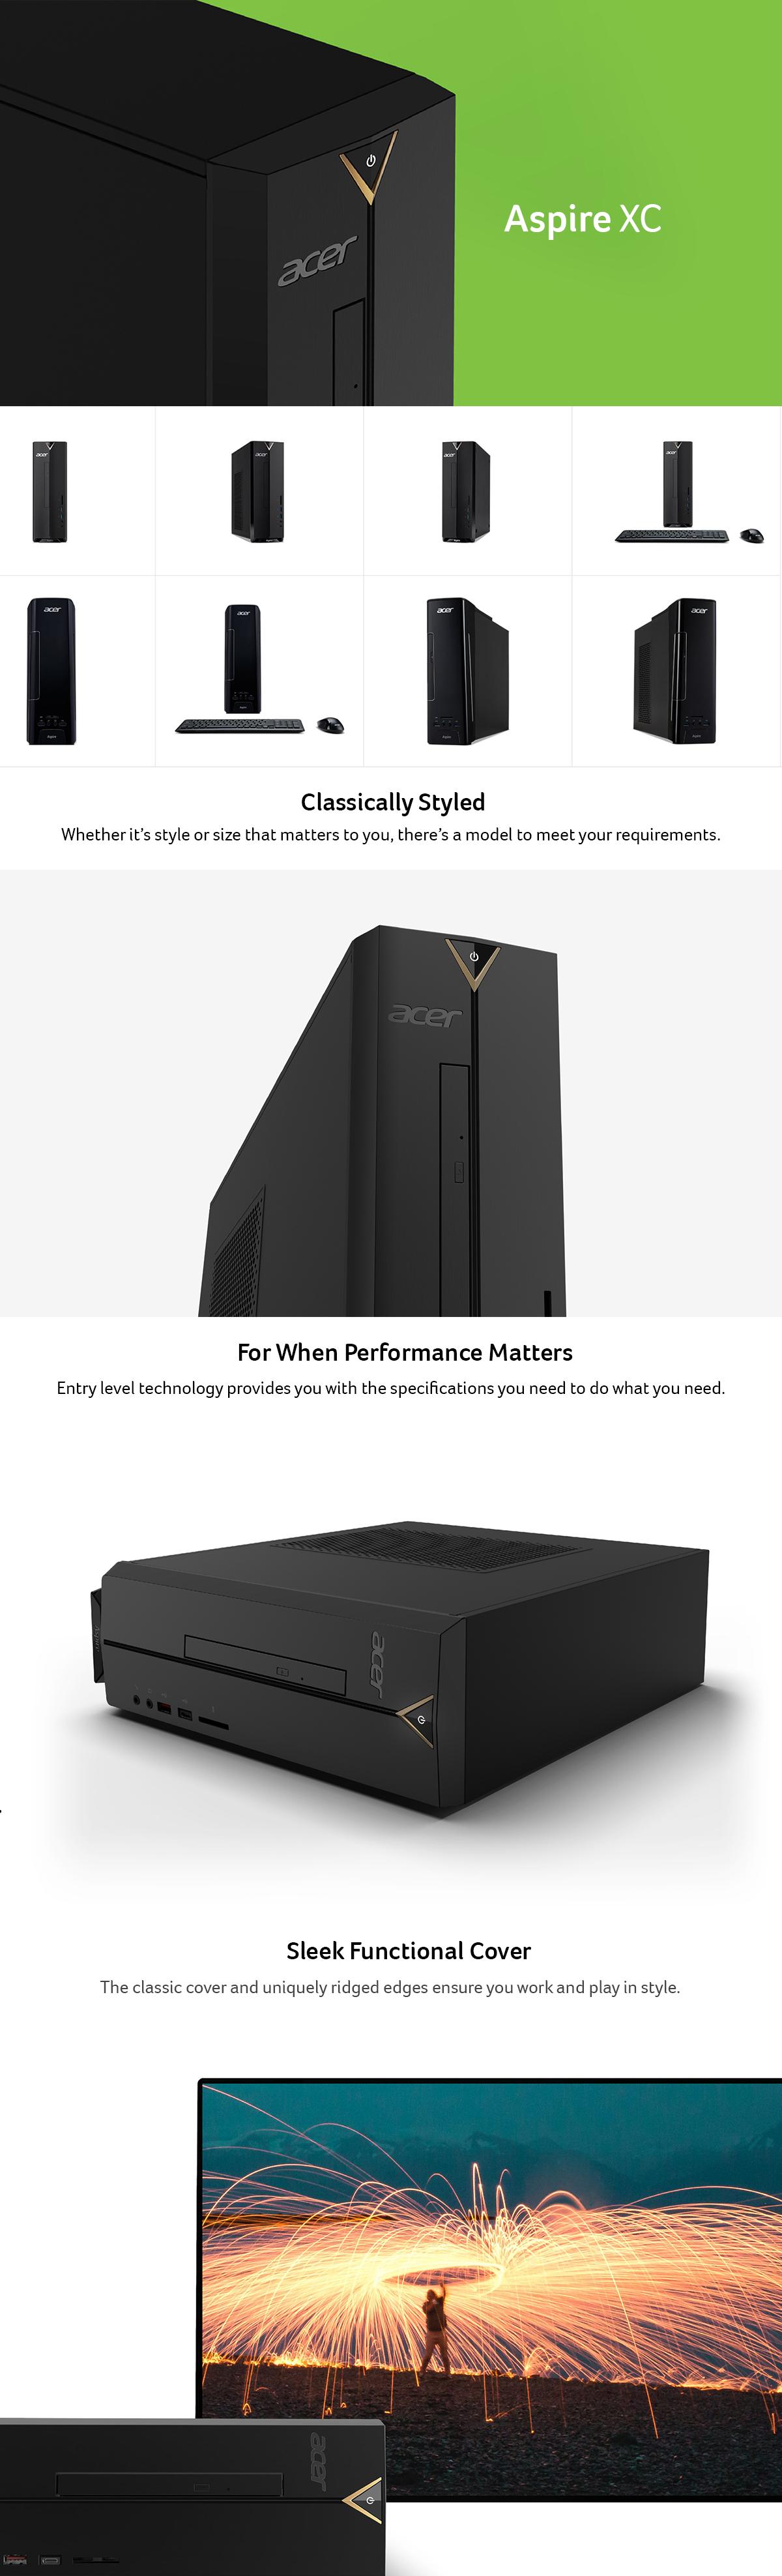 Acer Aspire Celeron N3050 (1.60 GHz) 4 GB DDR3L 500 GB HDDXC AXC-704G-UW61 Desktop Computer